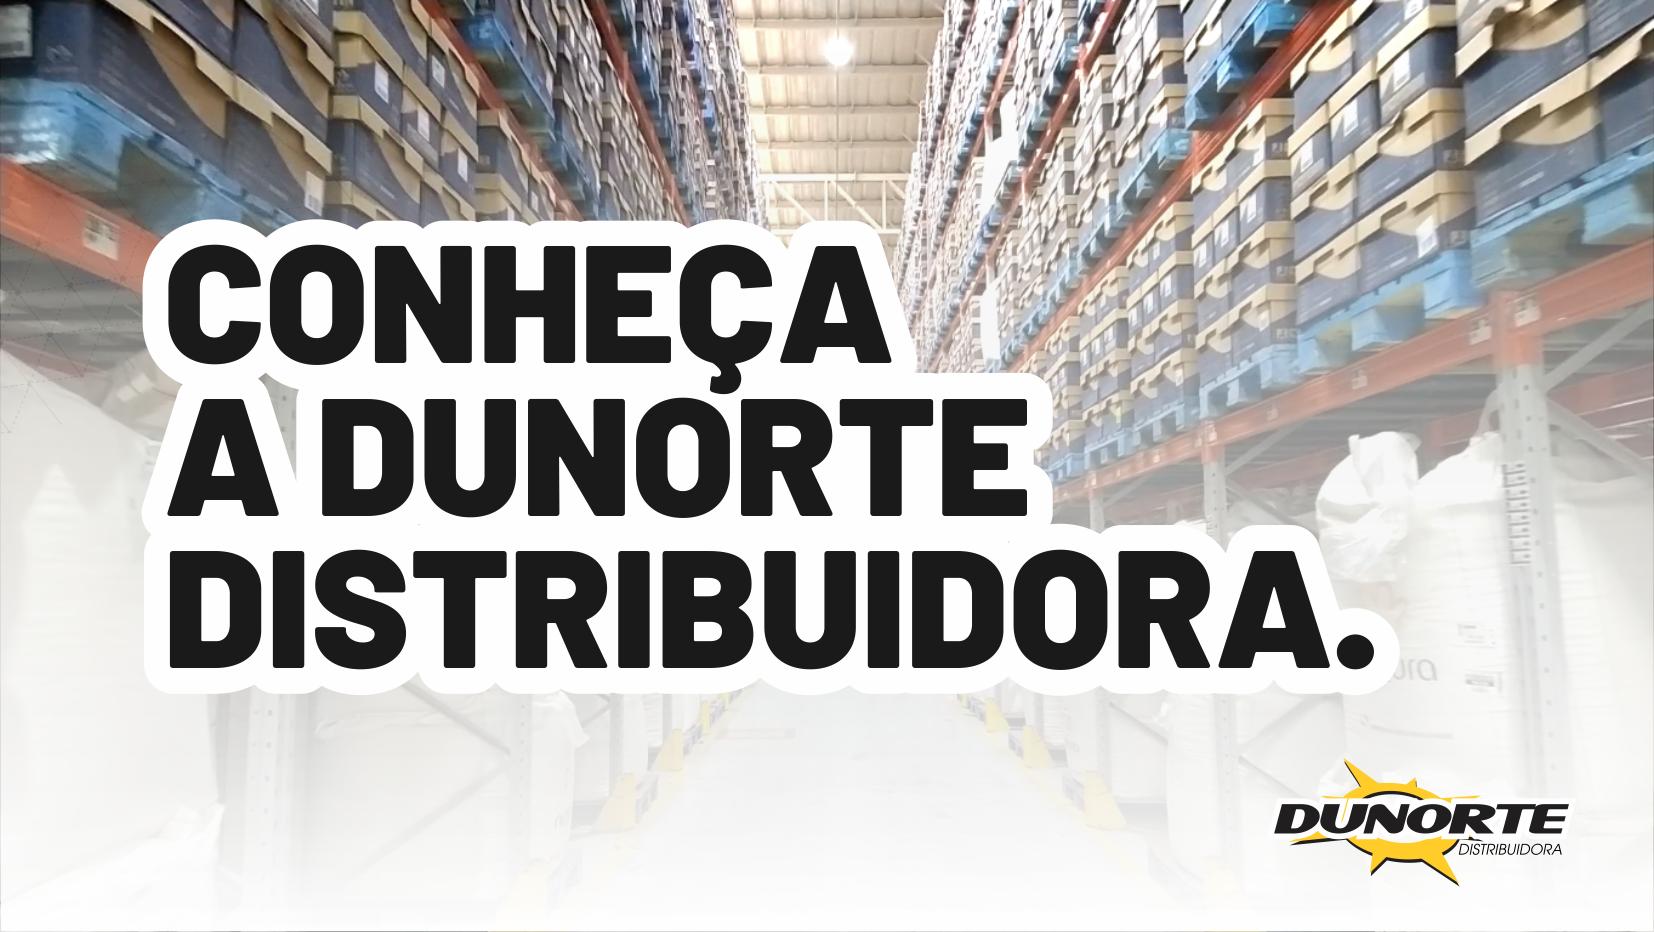 Conheça a Dunorte Distribuidora